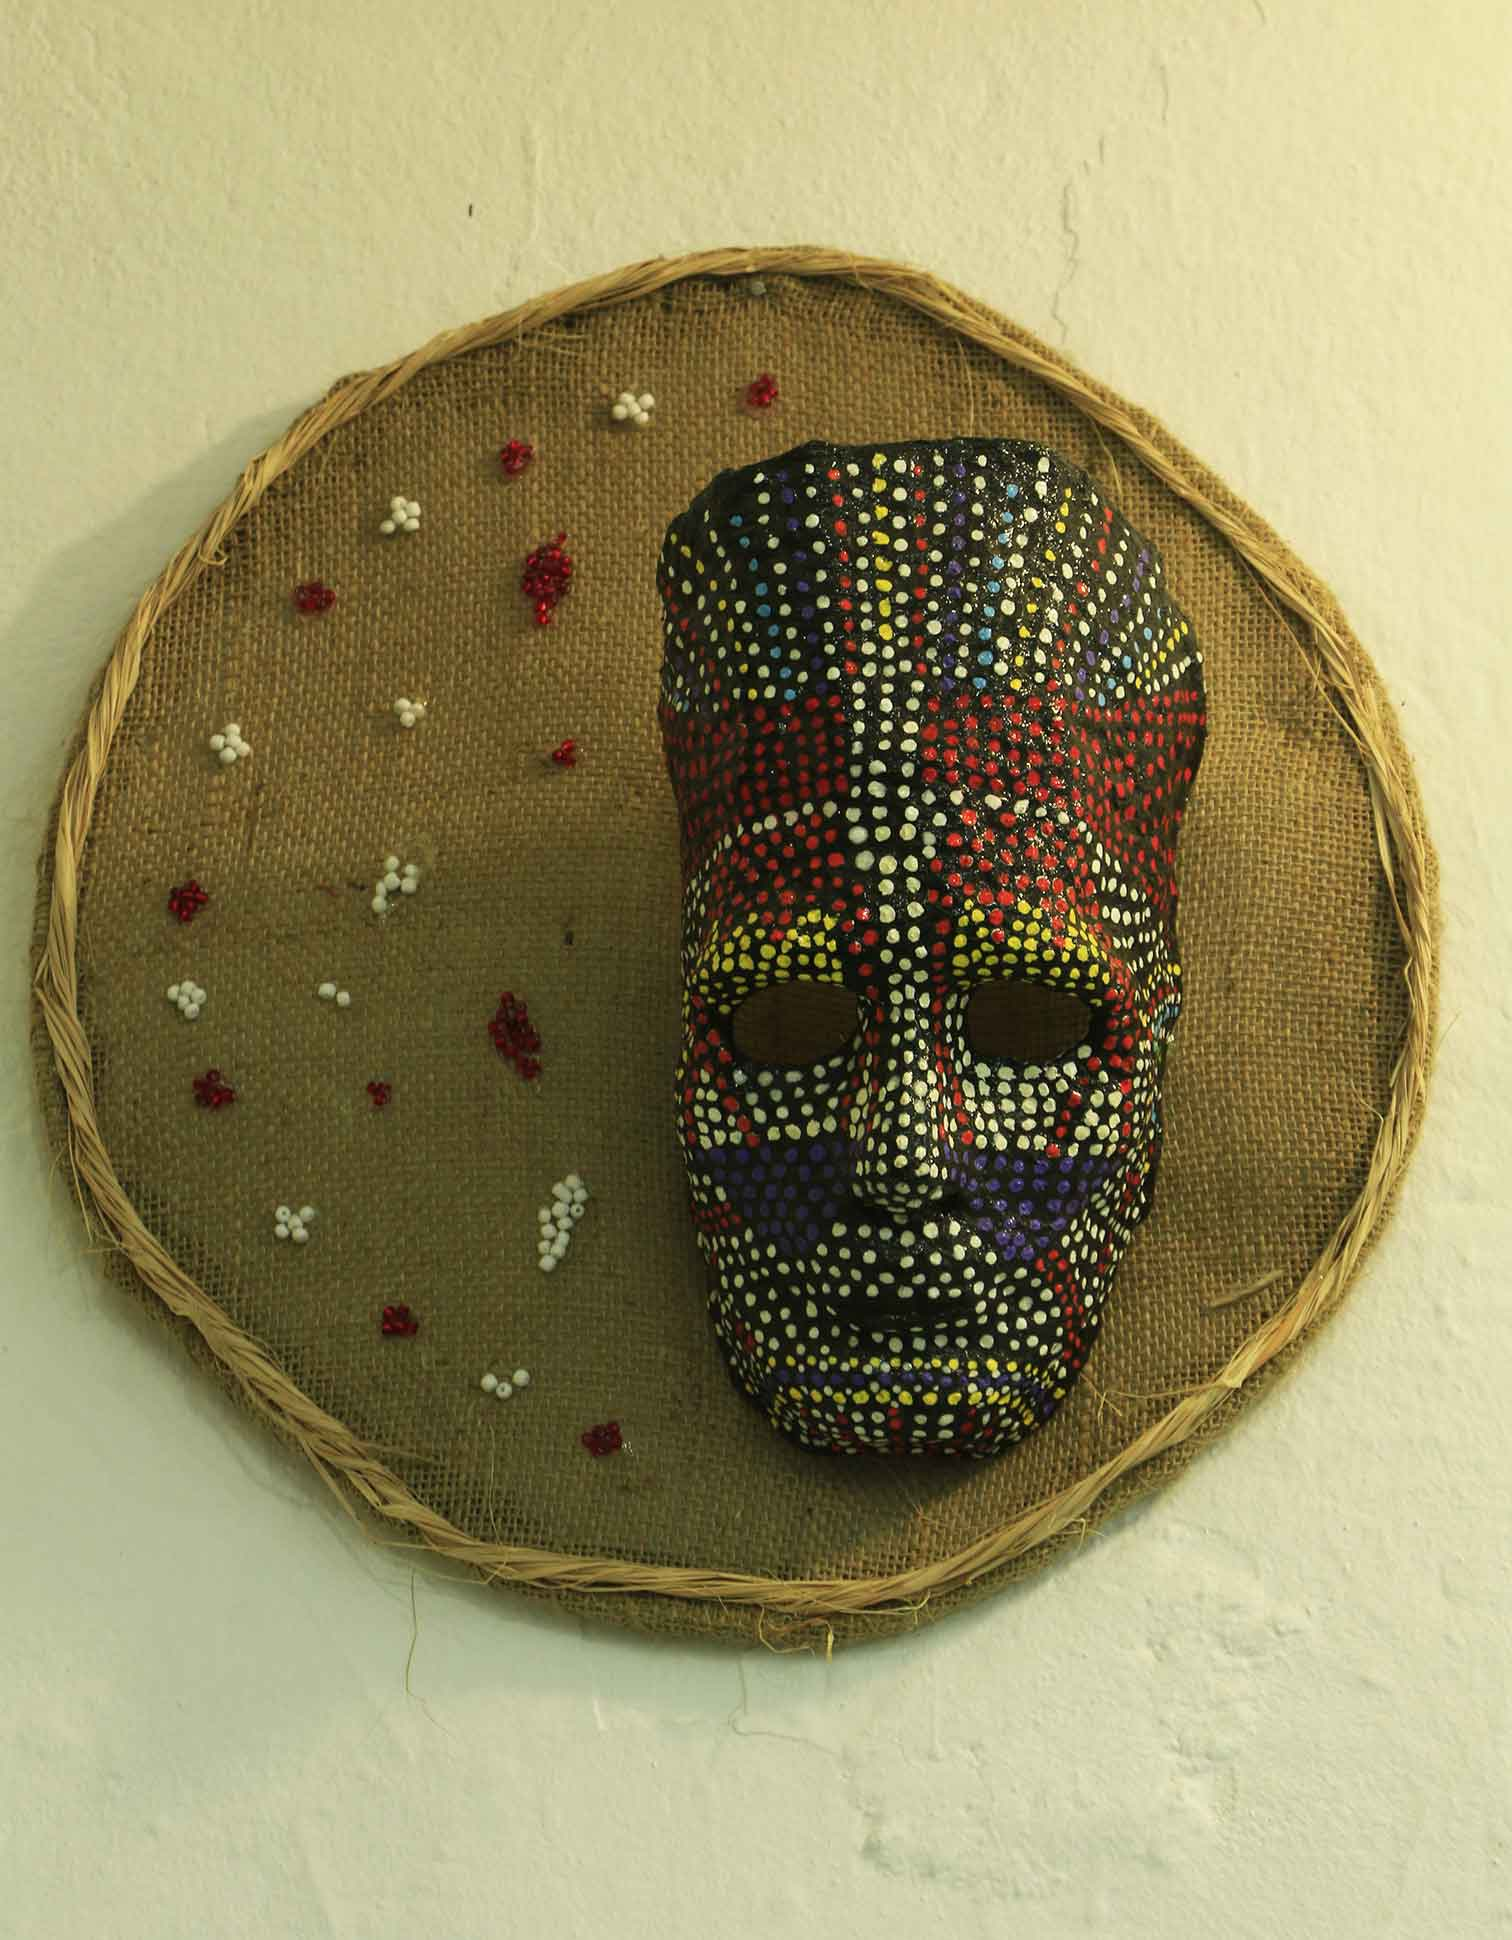 Africanos em Bragança Paulista - historia-imigracao-mascara-africana-_mg_2011-bx